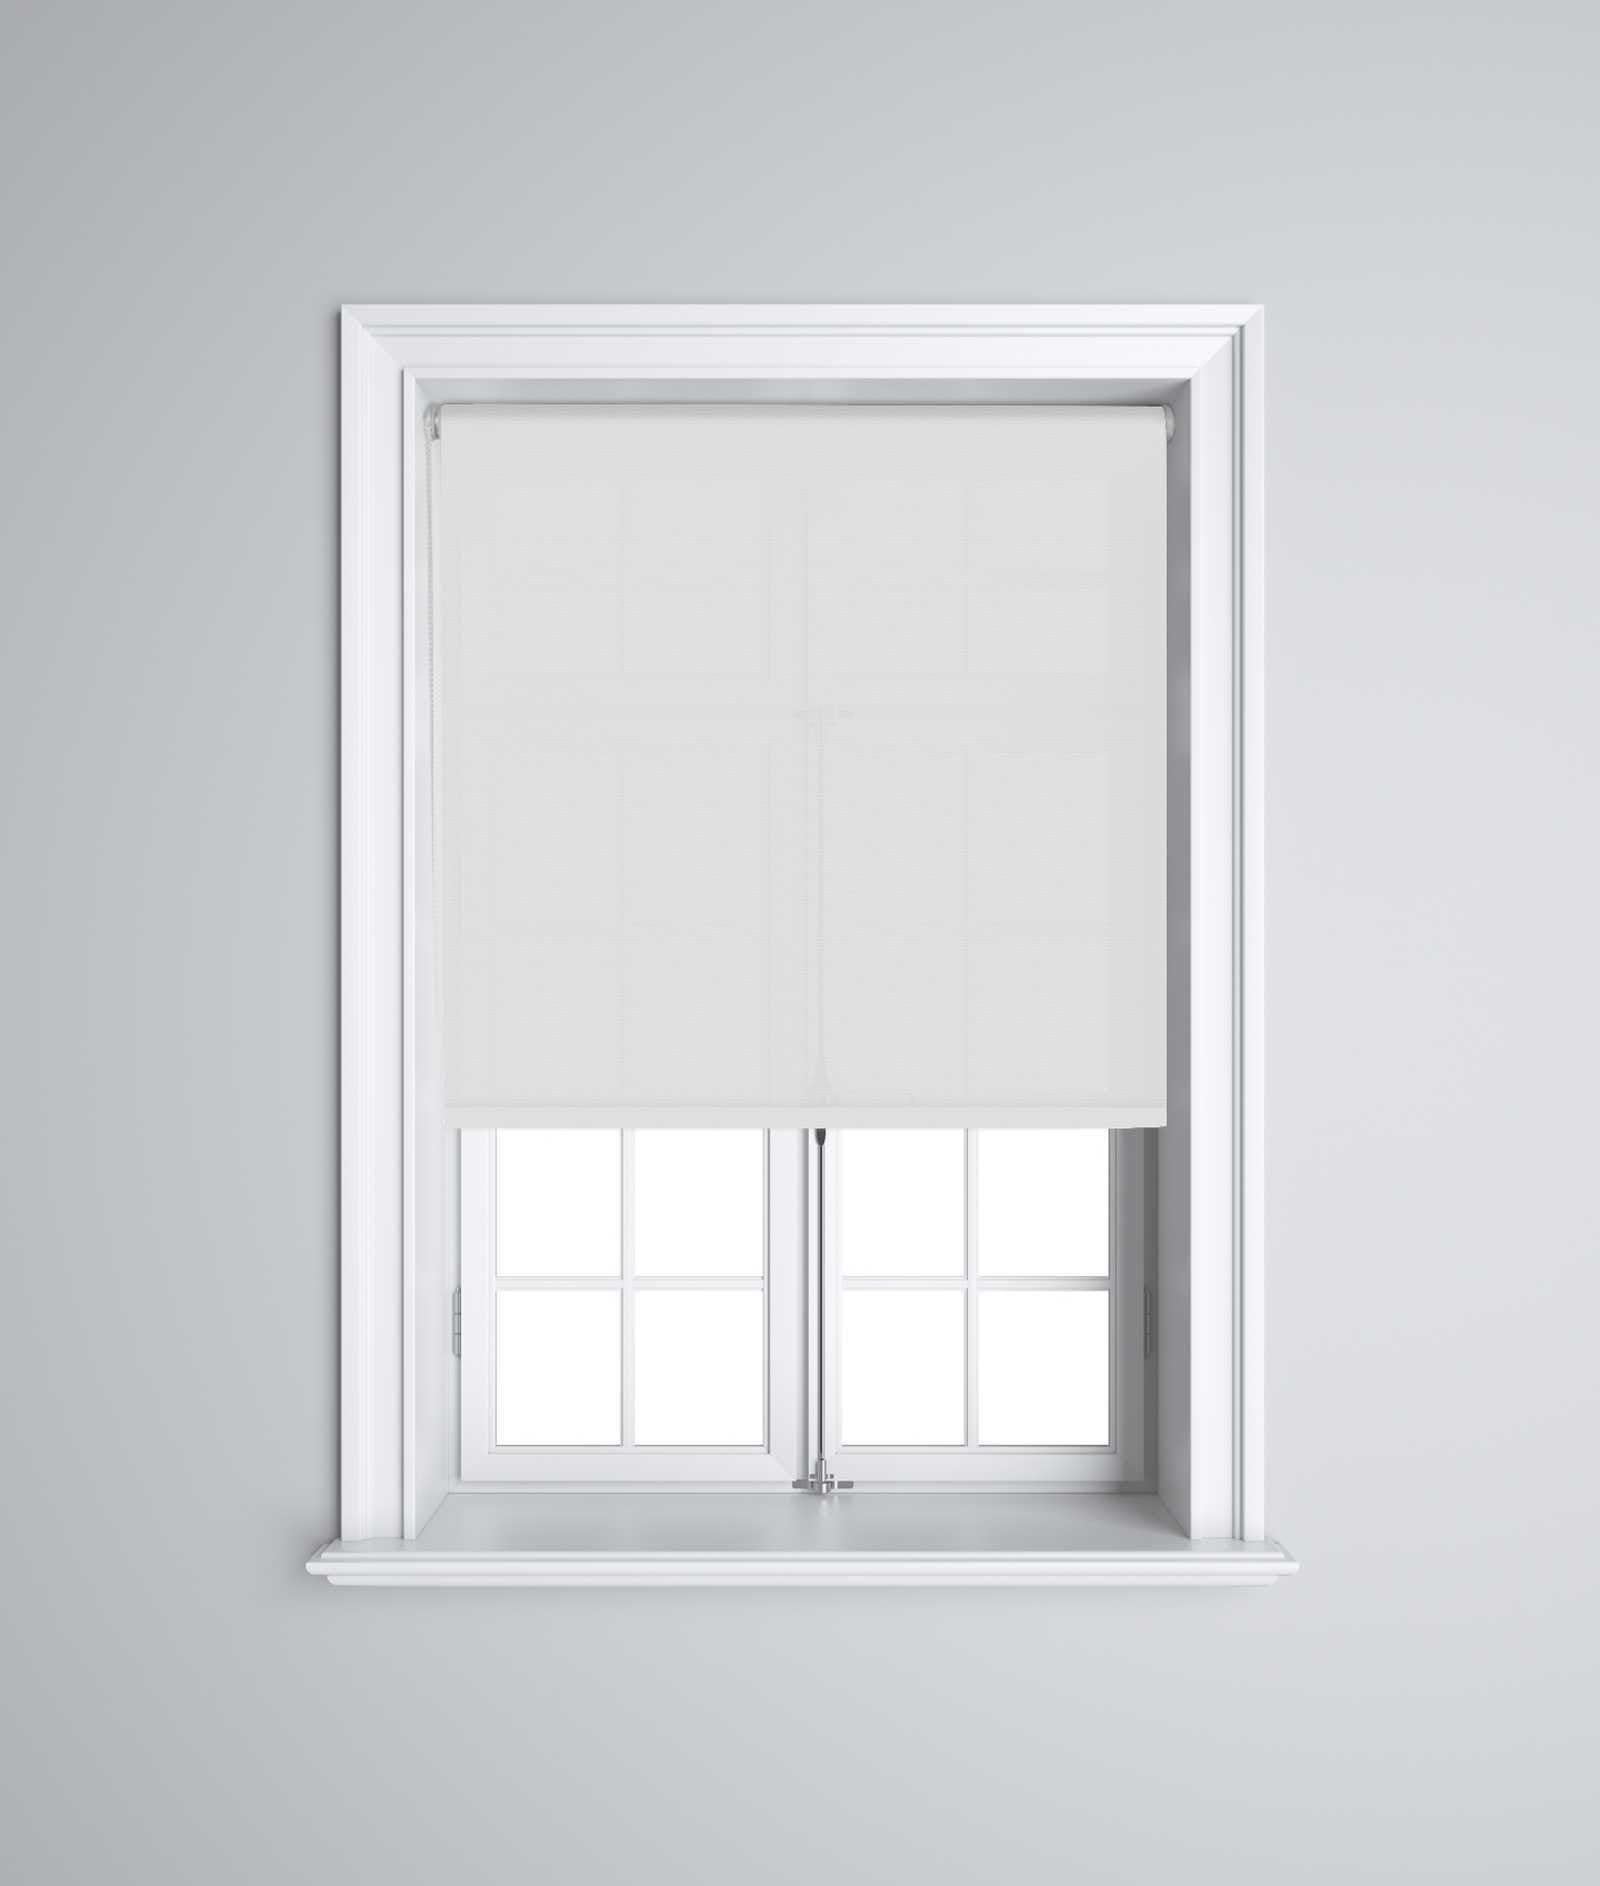 Рулонные шторы - плюсы и минусы установки, выбор материалов 047